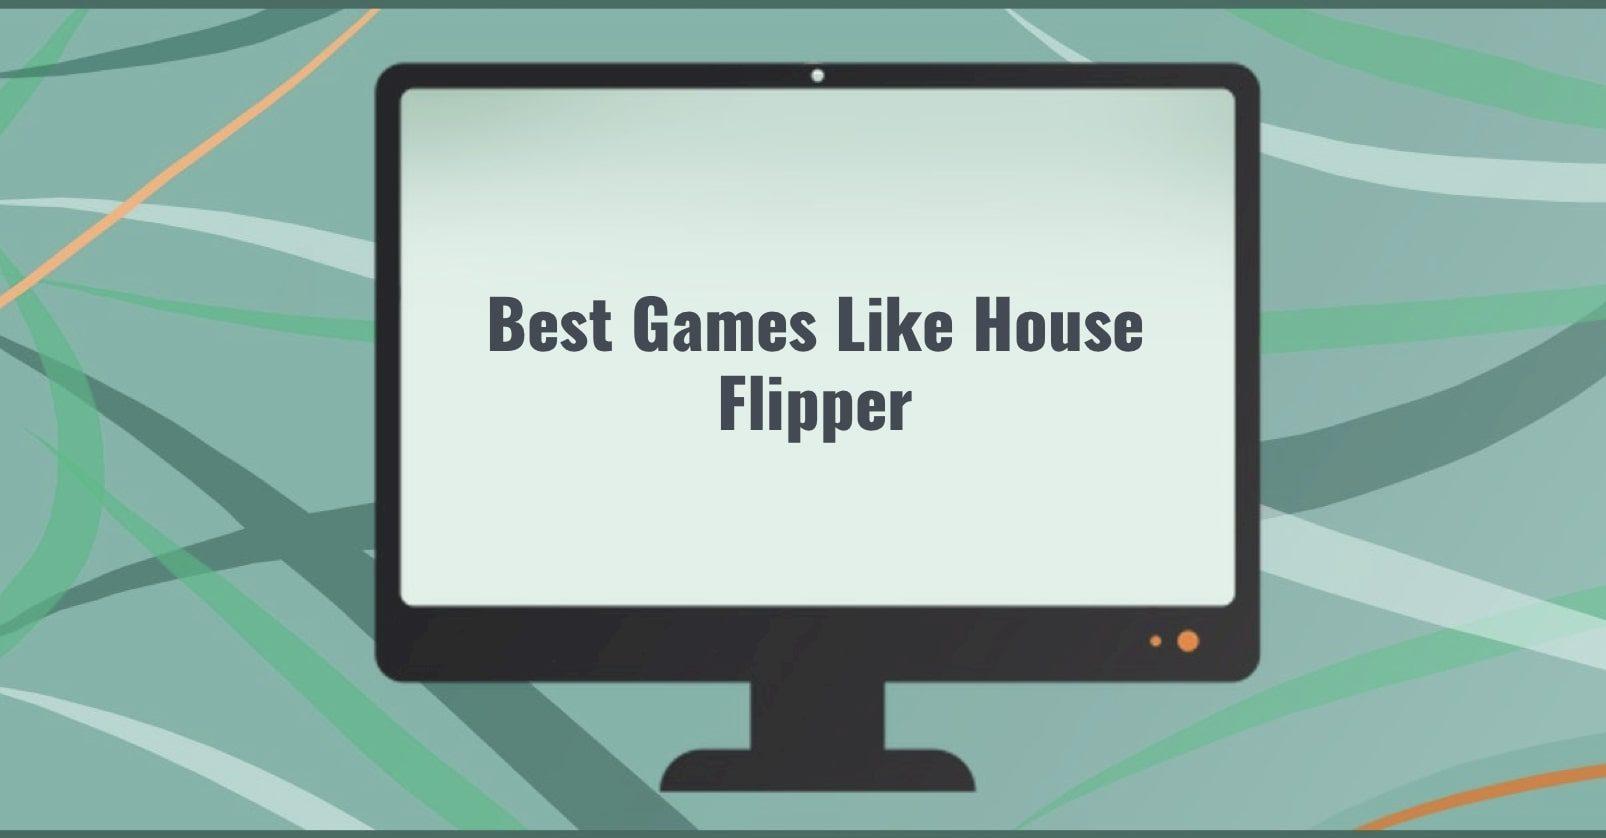 Best Games Like House Flipper